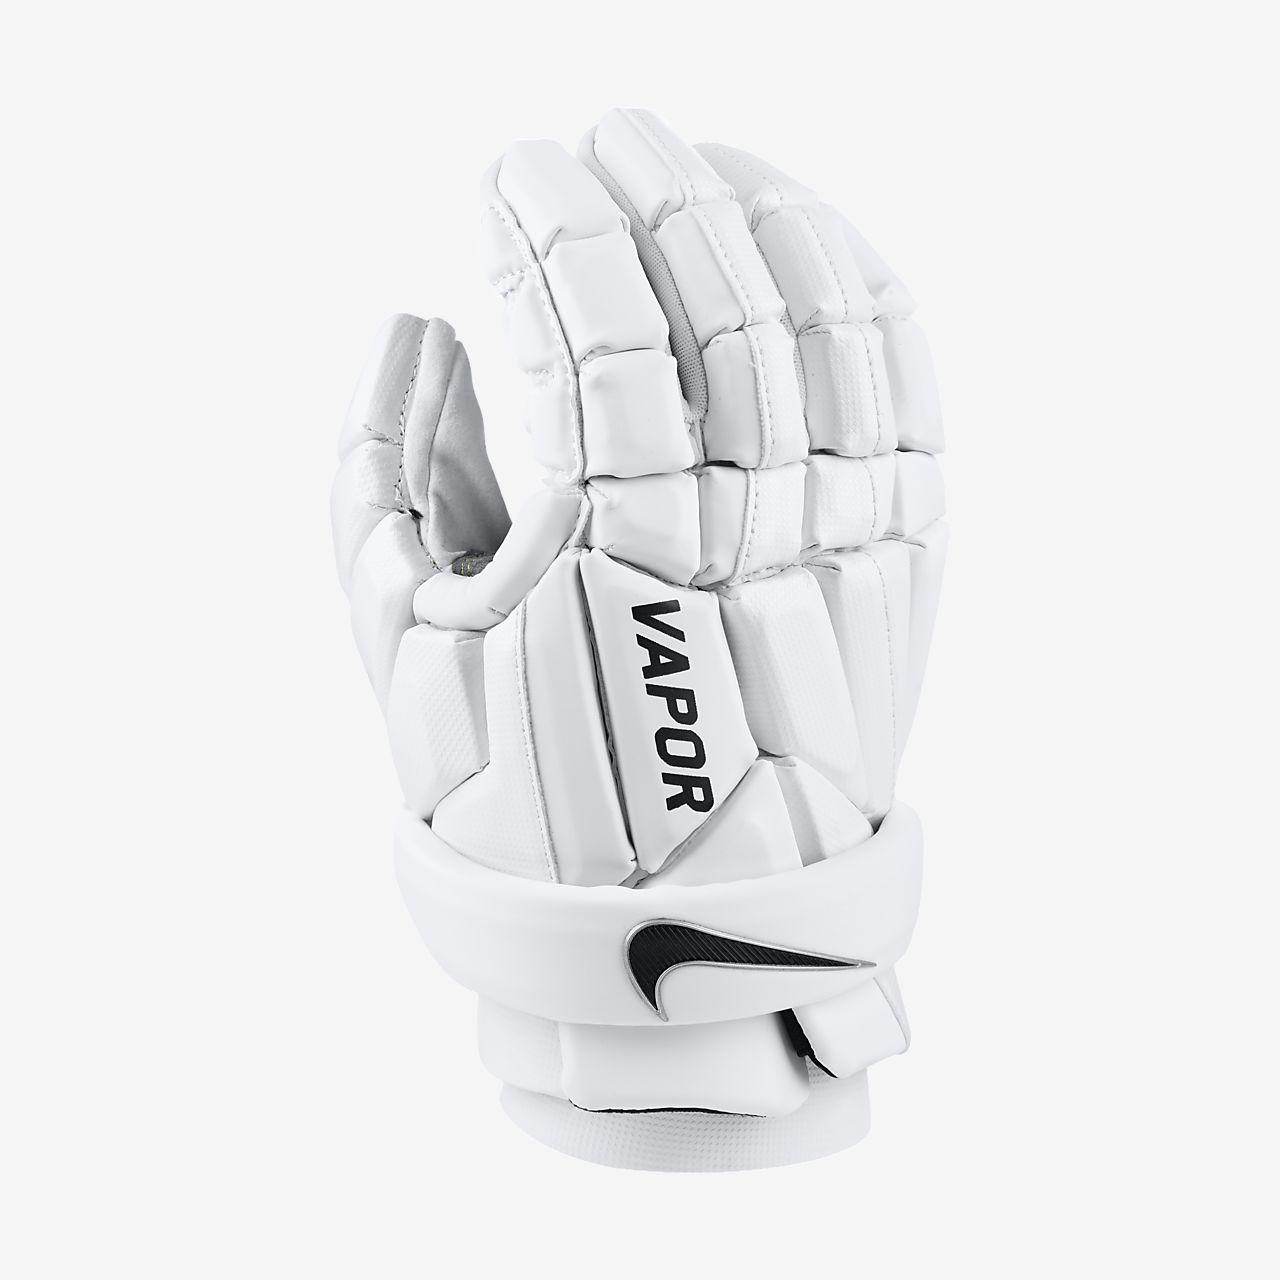 Nike Vapor Field Lacrosse Gloves